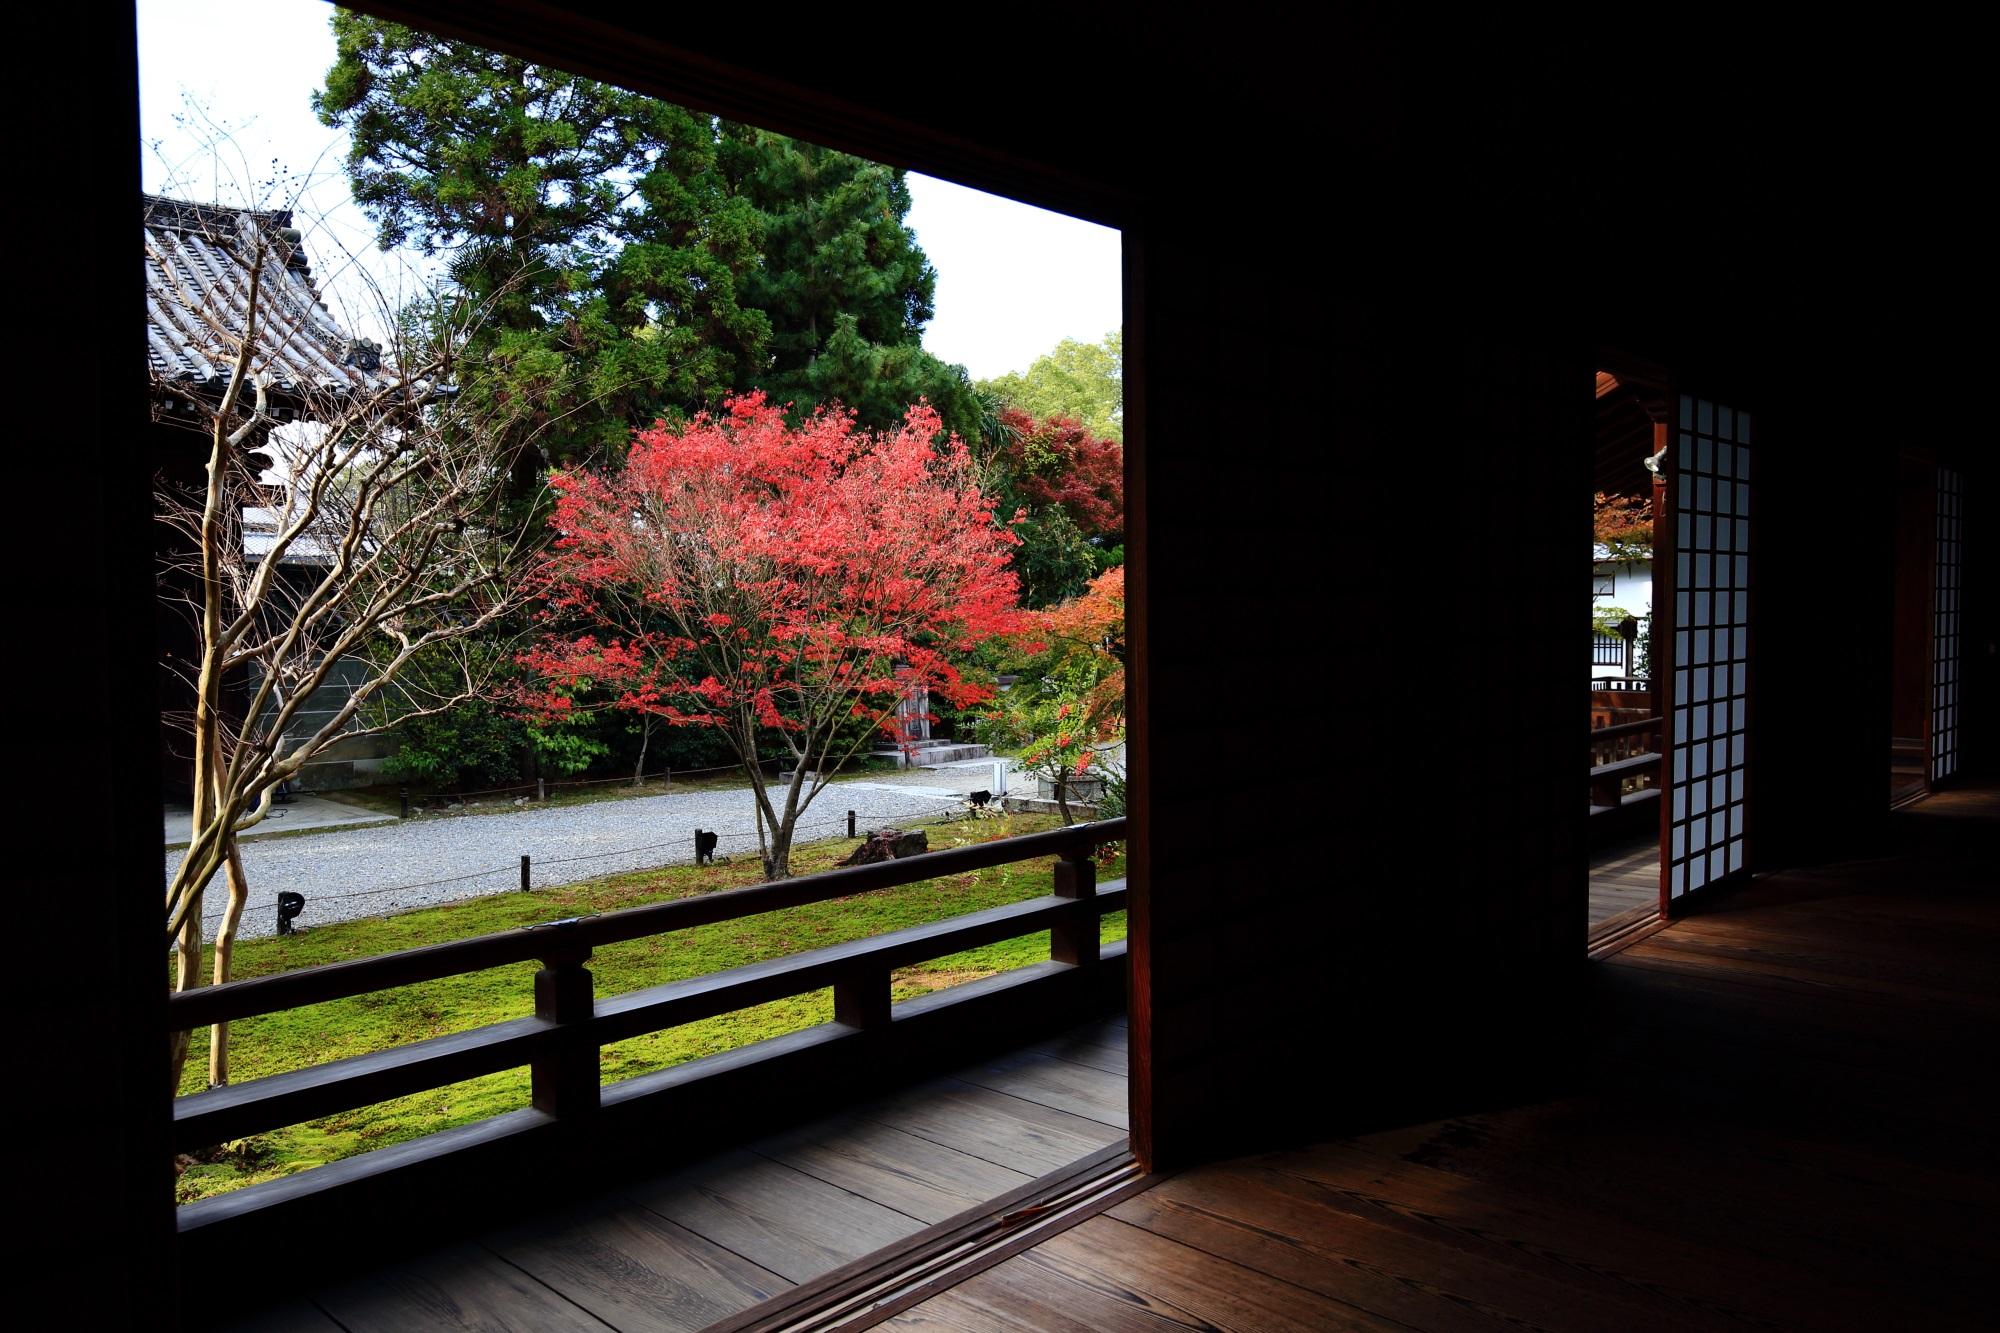 青蓮院の宸殿横の鮮やかな紅葉